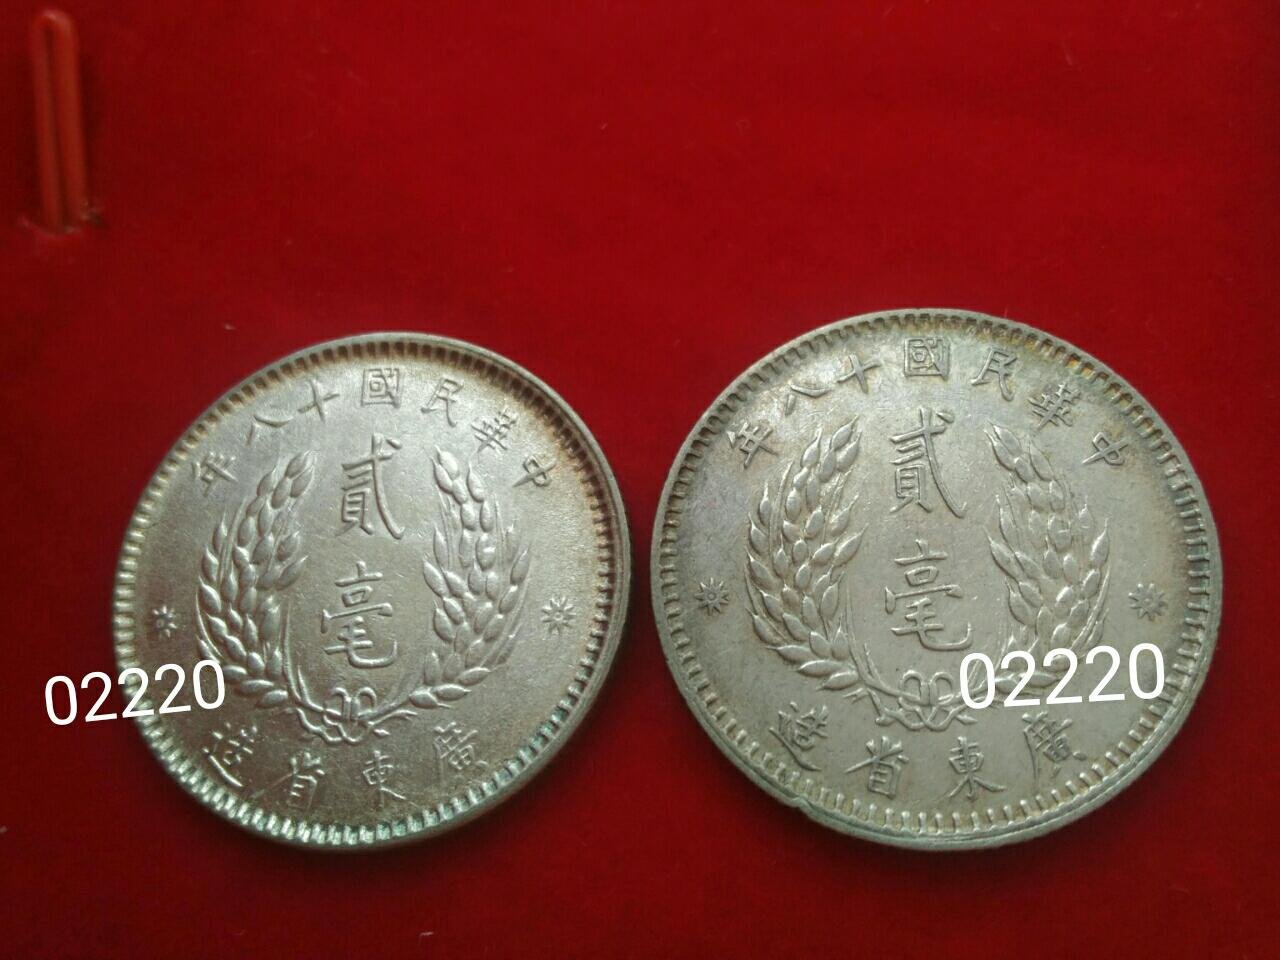 民國18年二毫銀幣,民國18年廣東省二毫銀幣,銀幣,收藏錢幣,錢幣,紀念幣,幣~民國18年廣東省二毫銀幣(單一價,保真)